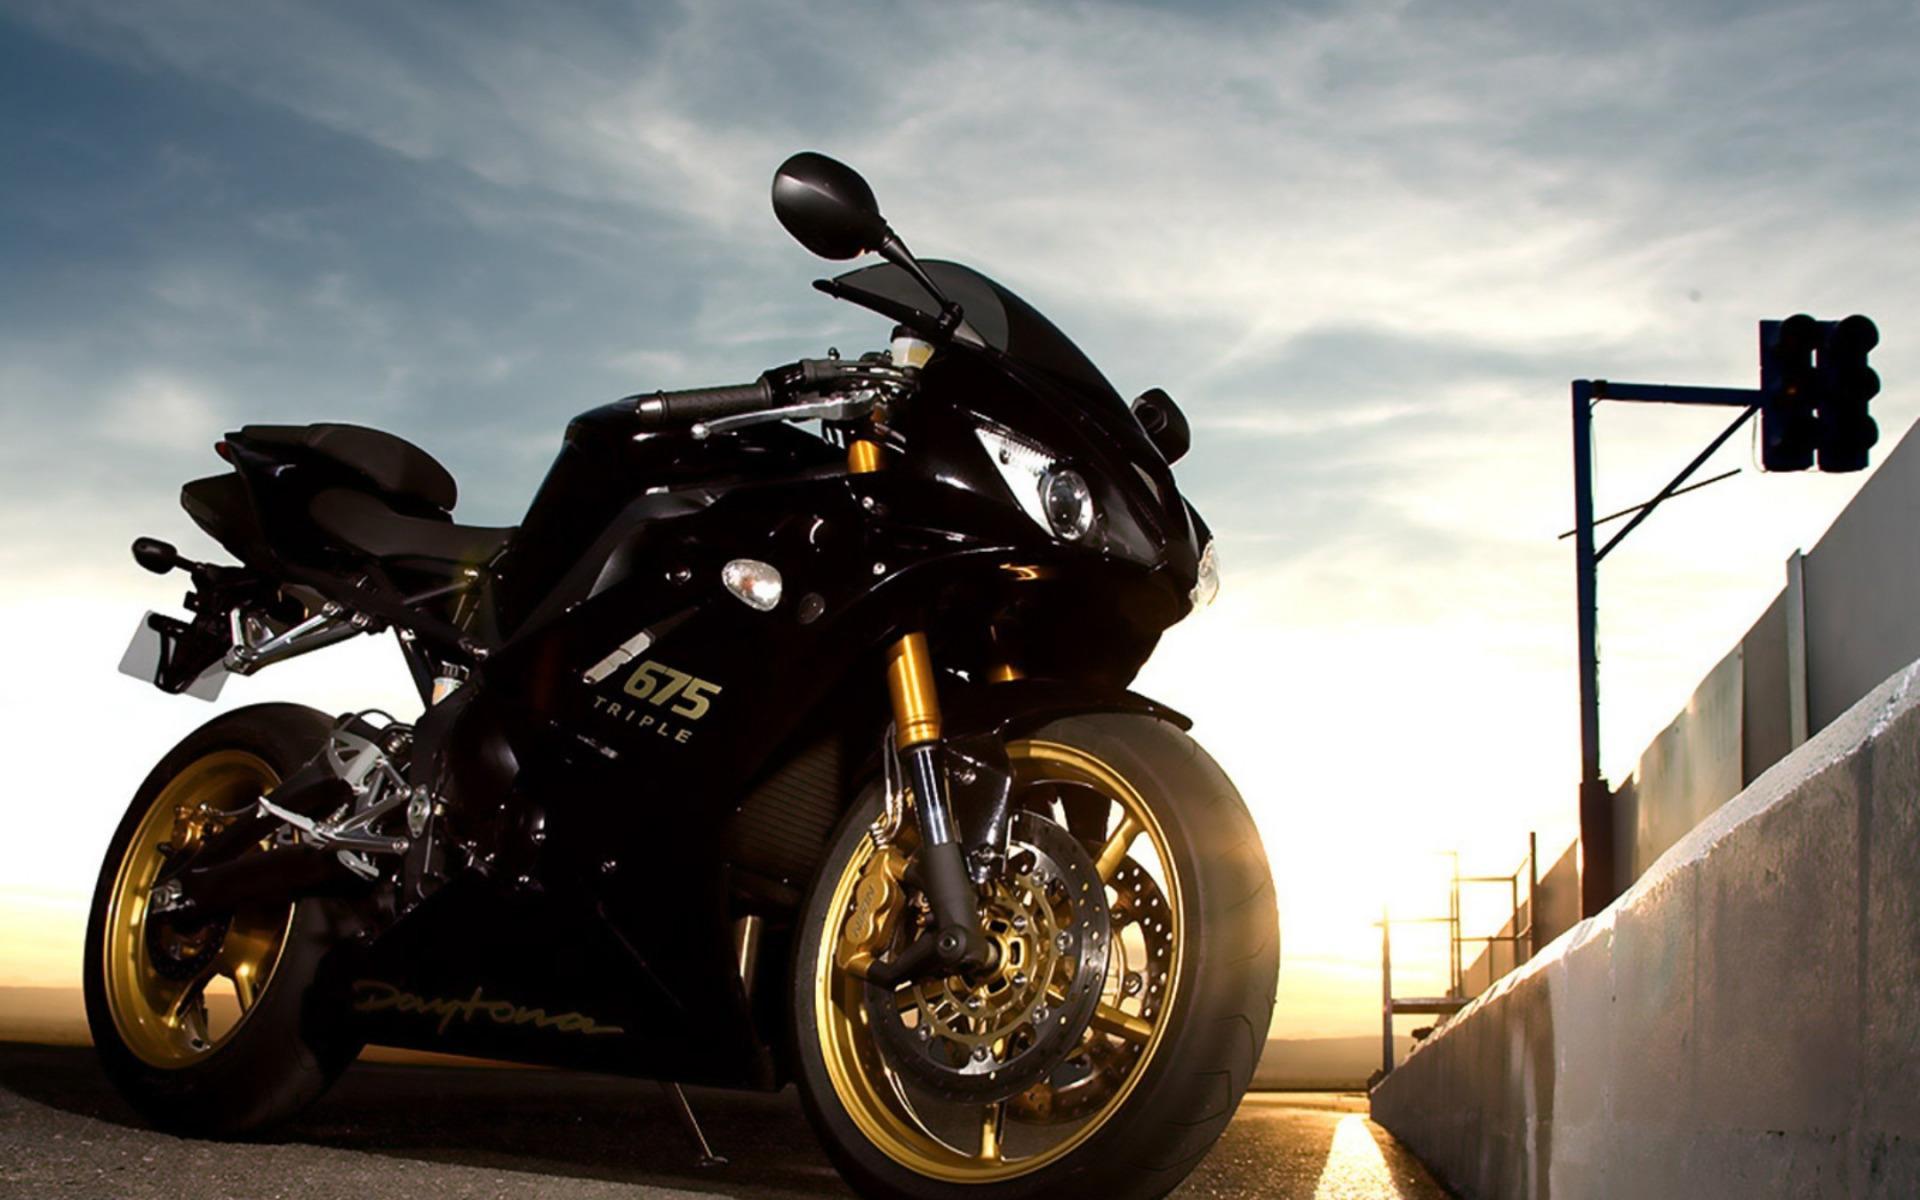 Черный мотоцикл в поле  № 3425373 загрузить